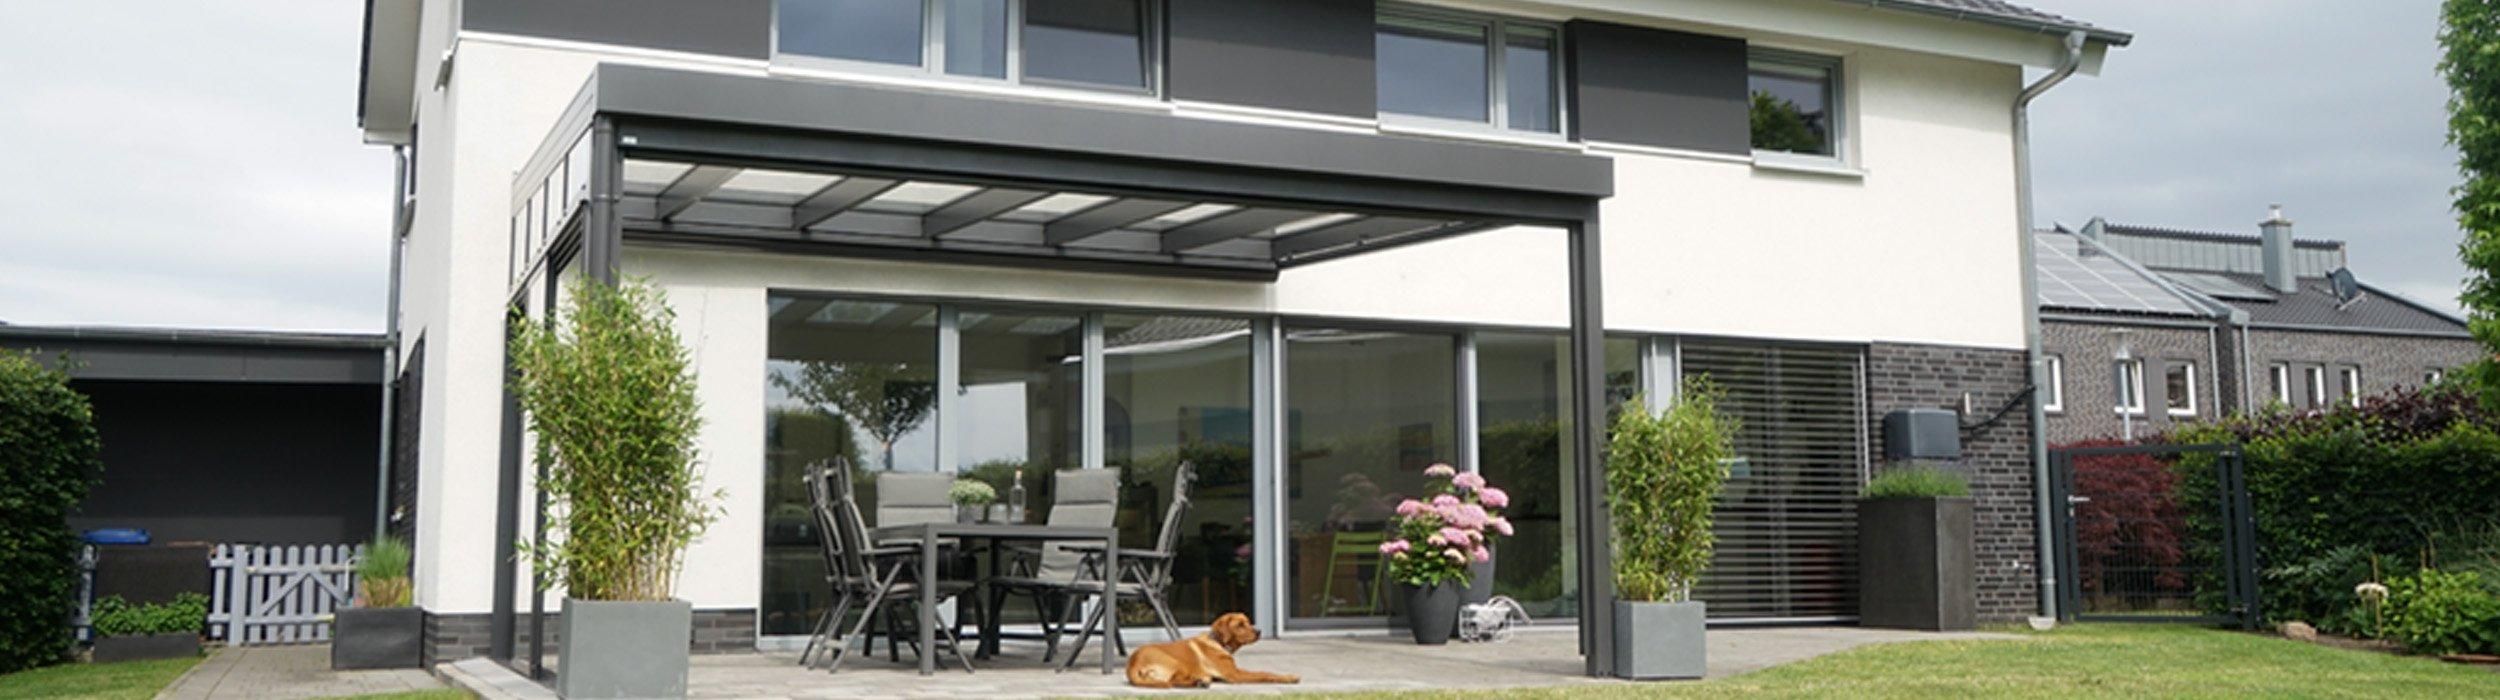 Sonnenschutz auf der Terrasse 20 Tipps für ein schattiges Plätzchen